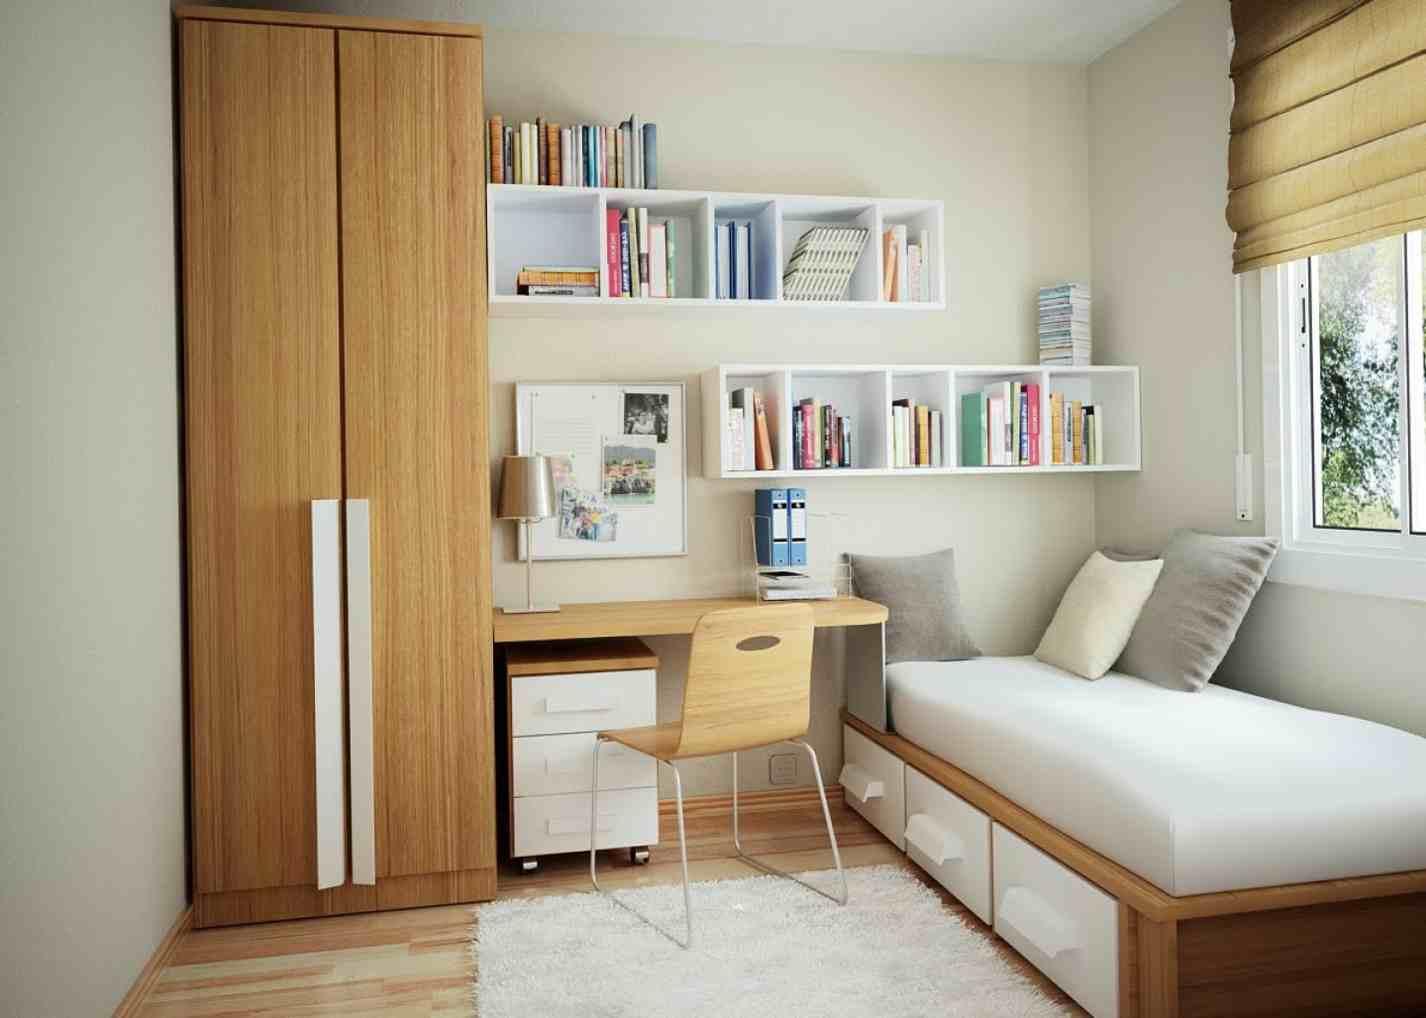 40 desain ruang kerja minimalis di rumah terbaik yang wajib ditiru